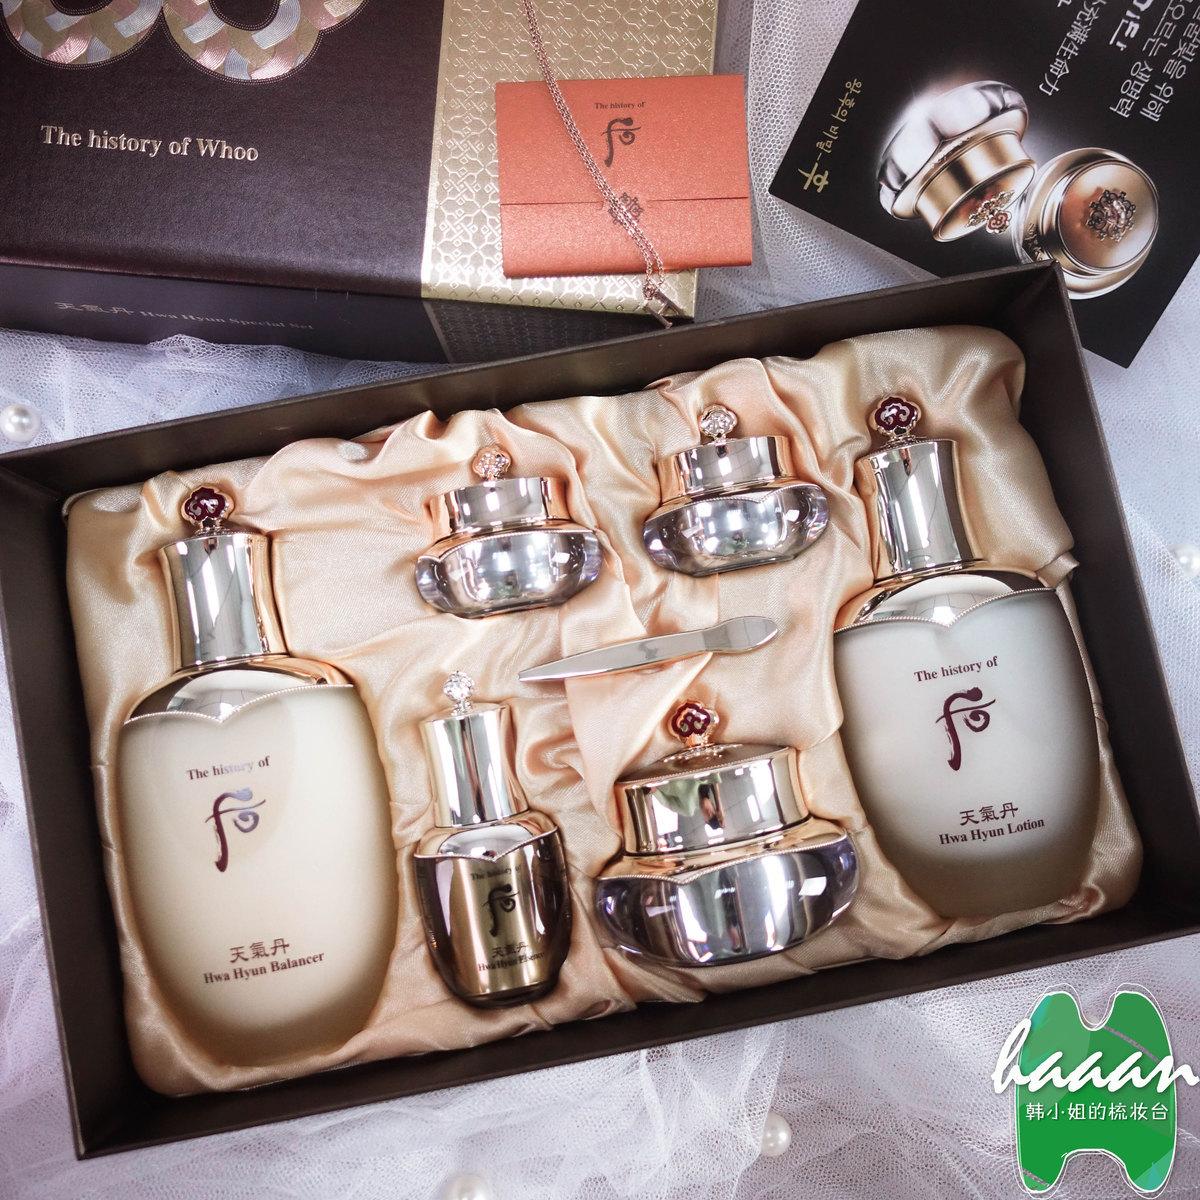 韩国WHOO后天气丹套盒化妆品正品 水乳精华眼霜皇后两件三件套装